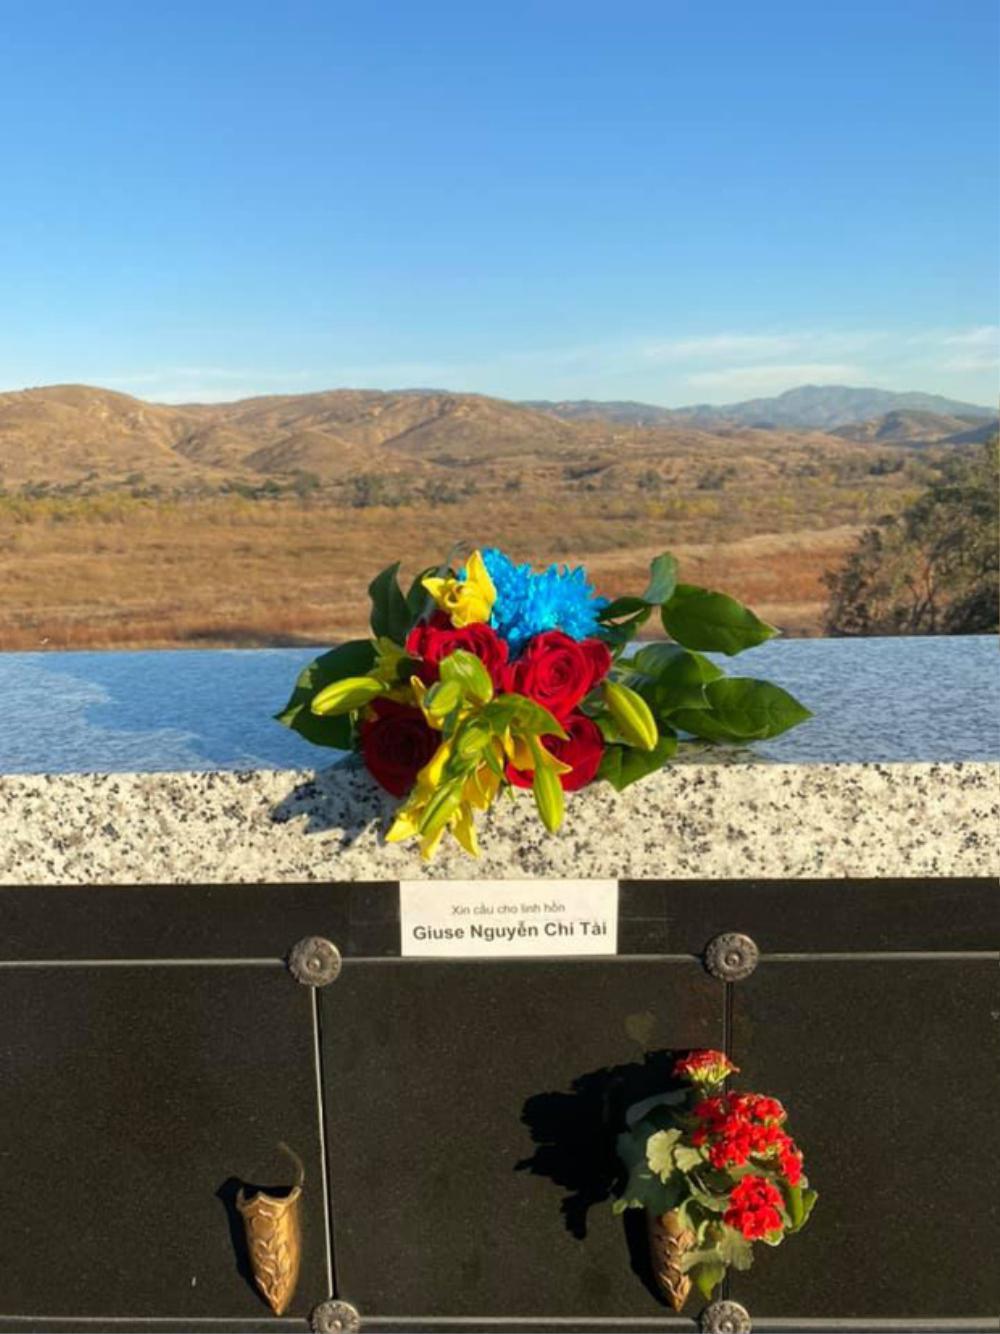 Con trai ruột Hoài Linh thay ba viếng mộ cố nghệ sĩ Chí Tài ở Mỹ Ảnh 2